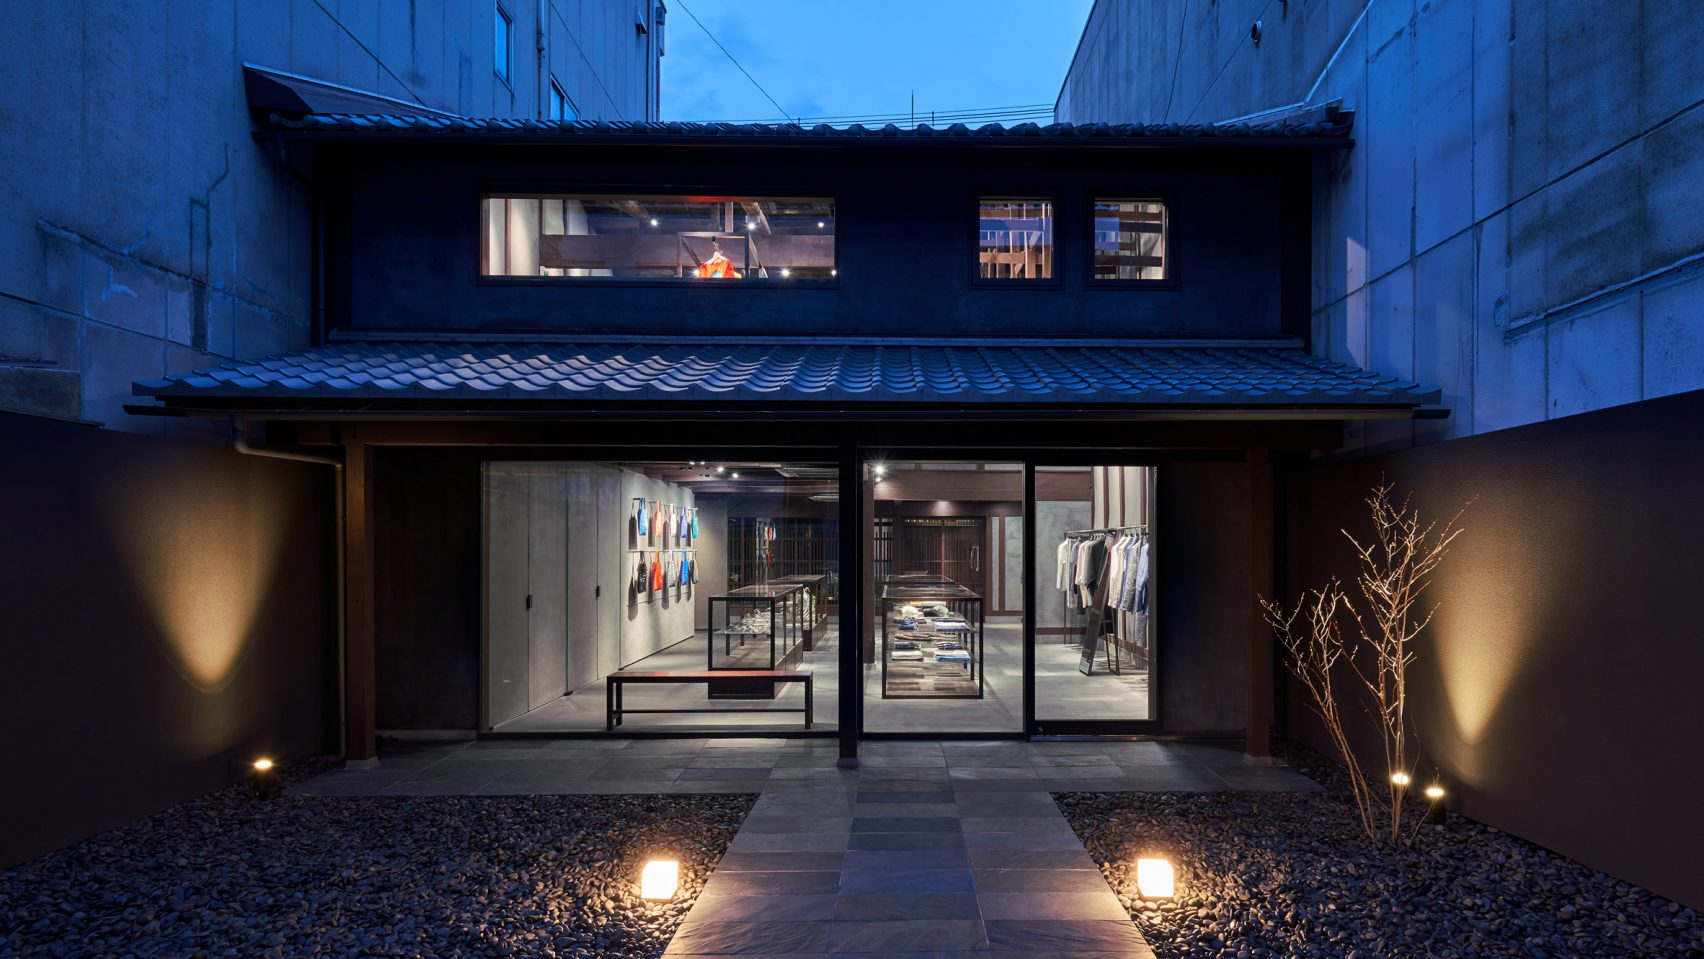 interiors-retail-shops-issey-miyake-kyoto-japan_dezeen_hero-1-1704x959.jpg